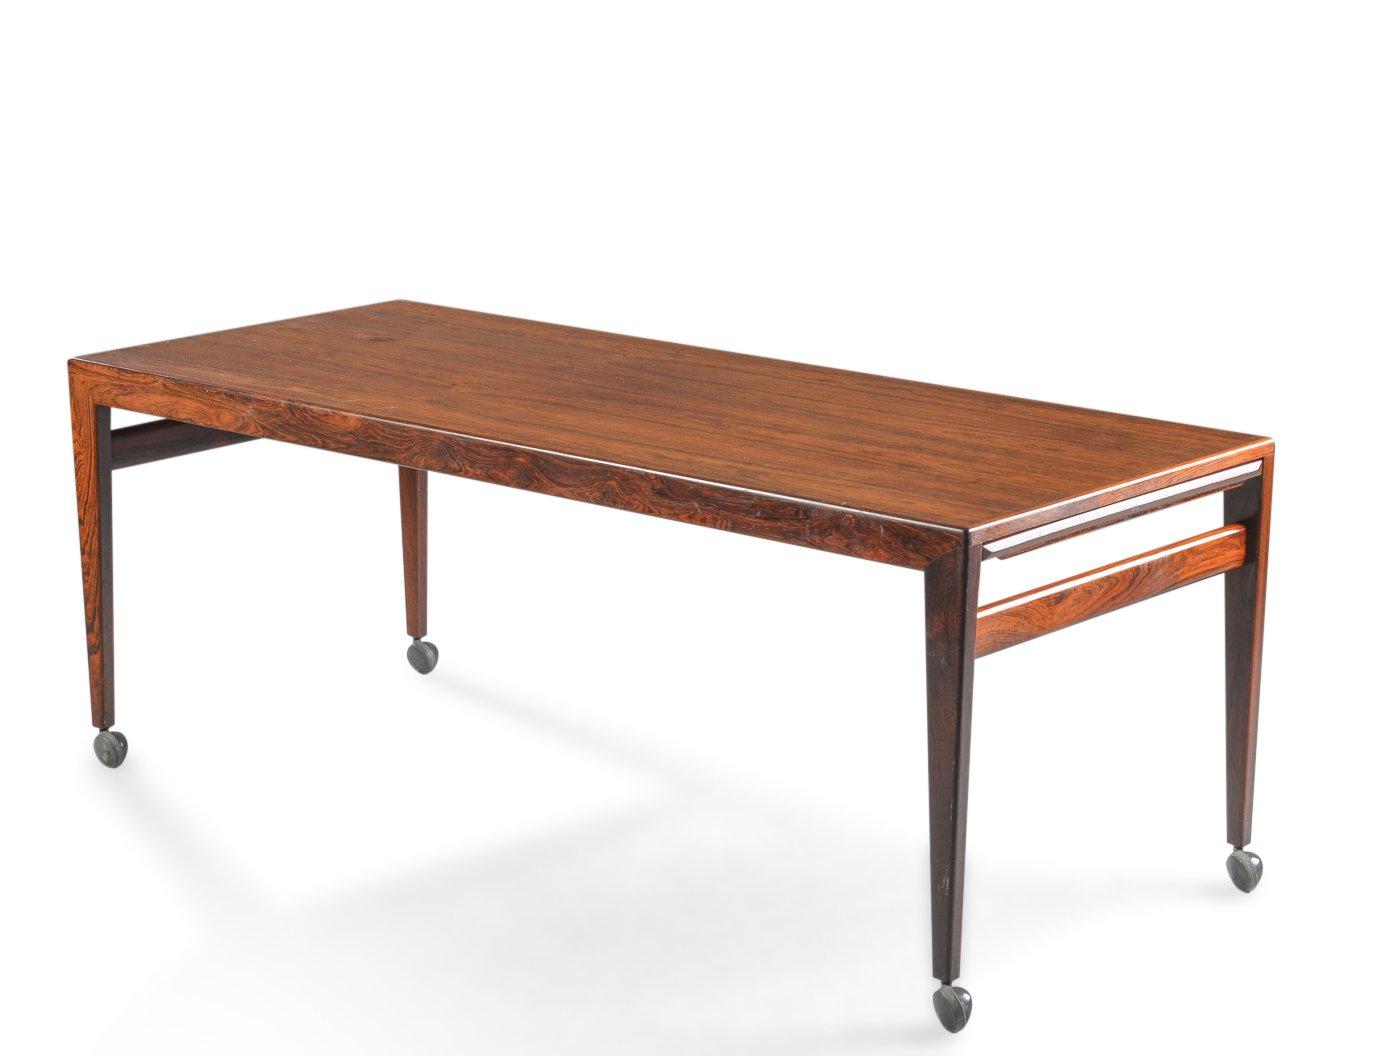 Table basse sur roulettes par johannes andersen pour uldum 1960s en vente sur pamono - Roulette pour table basse ...